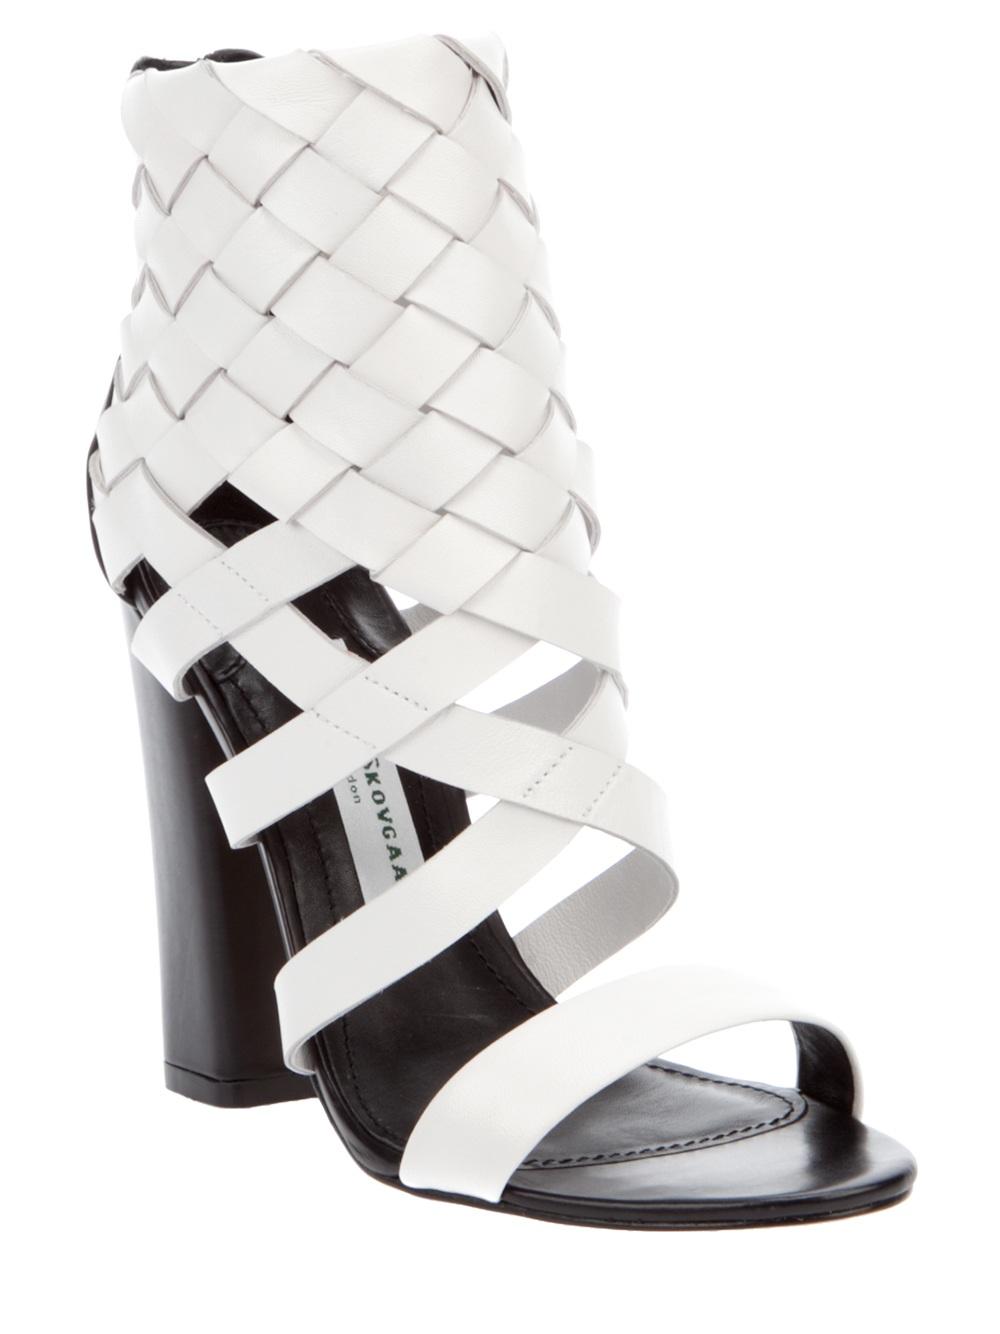 // i love these, Camilla Skovgaard!